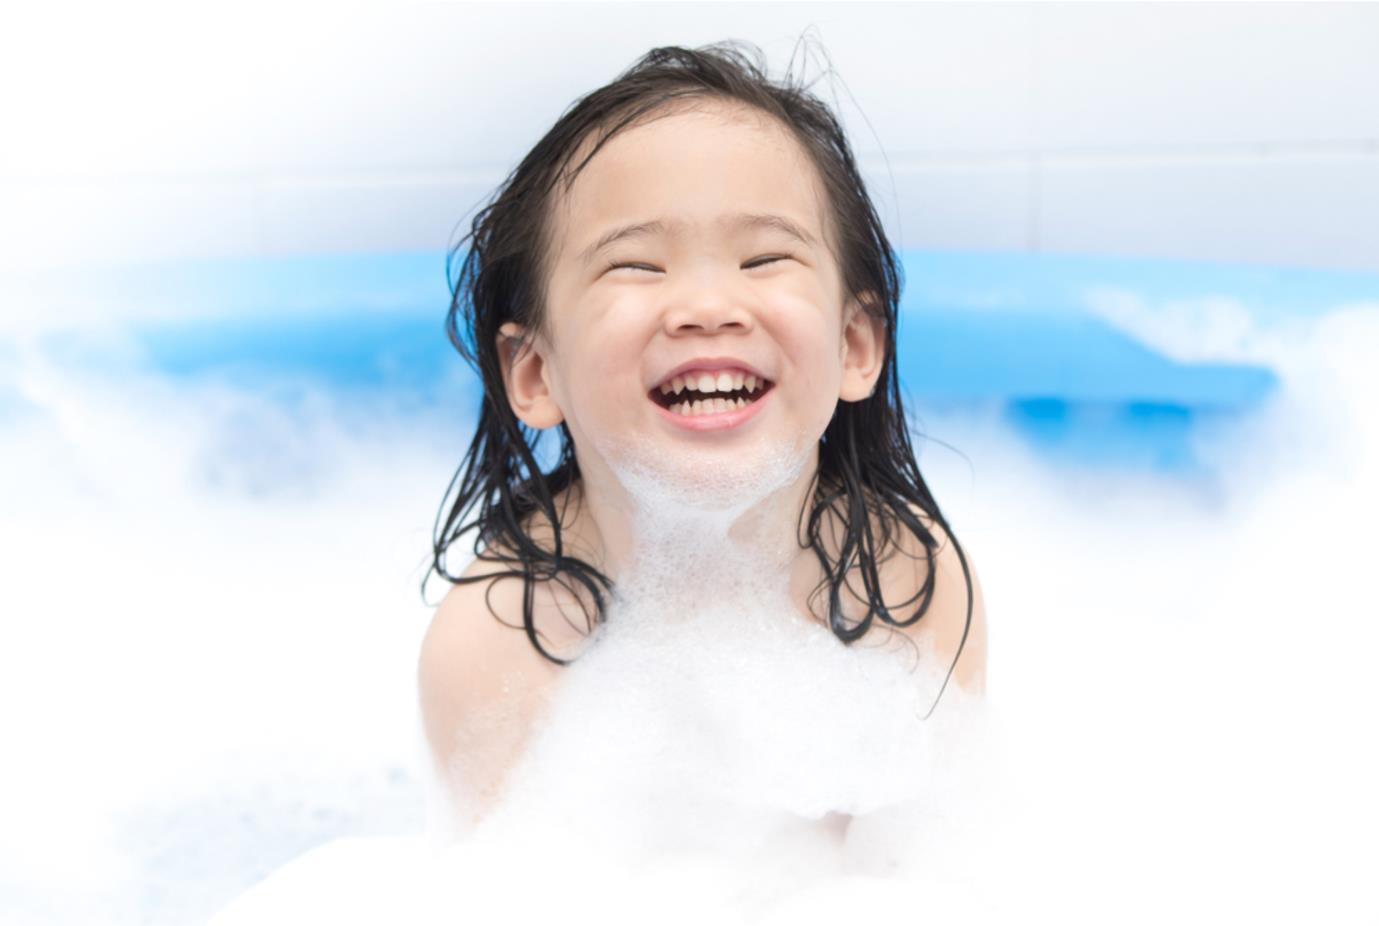 Các lưu ý giúp mẹ chọn được sữa tắm dưỡng ẩm kháng khuẩn cho trẻ trong mùa Covid-19 chuẩn kiến thức da liễu - Ảnh 2.